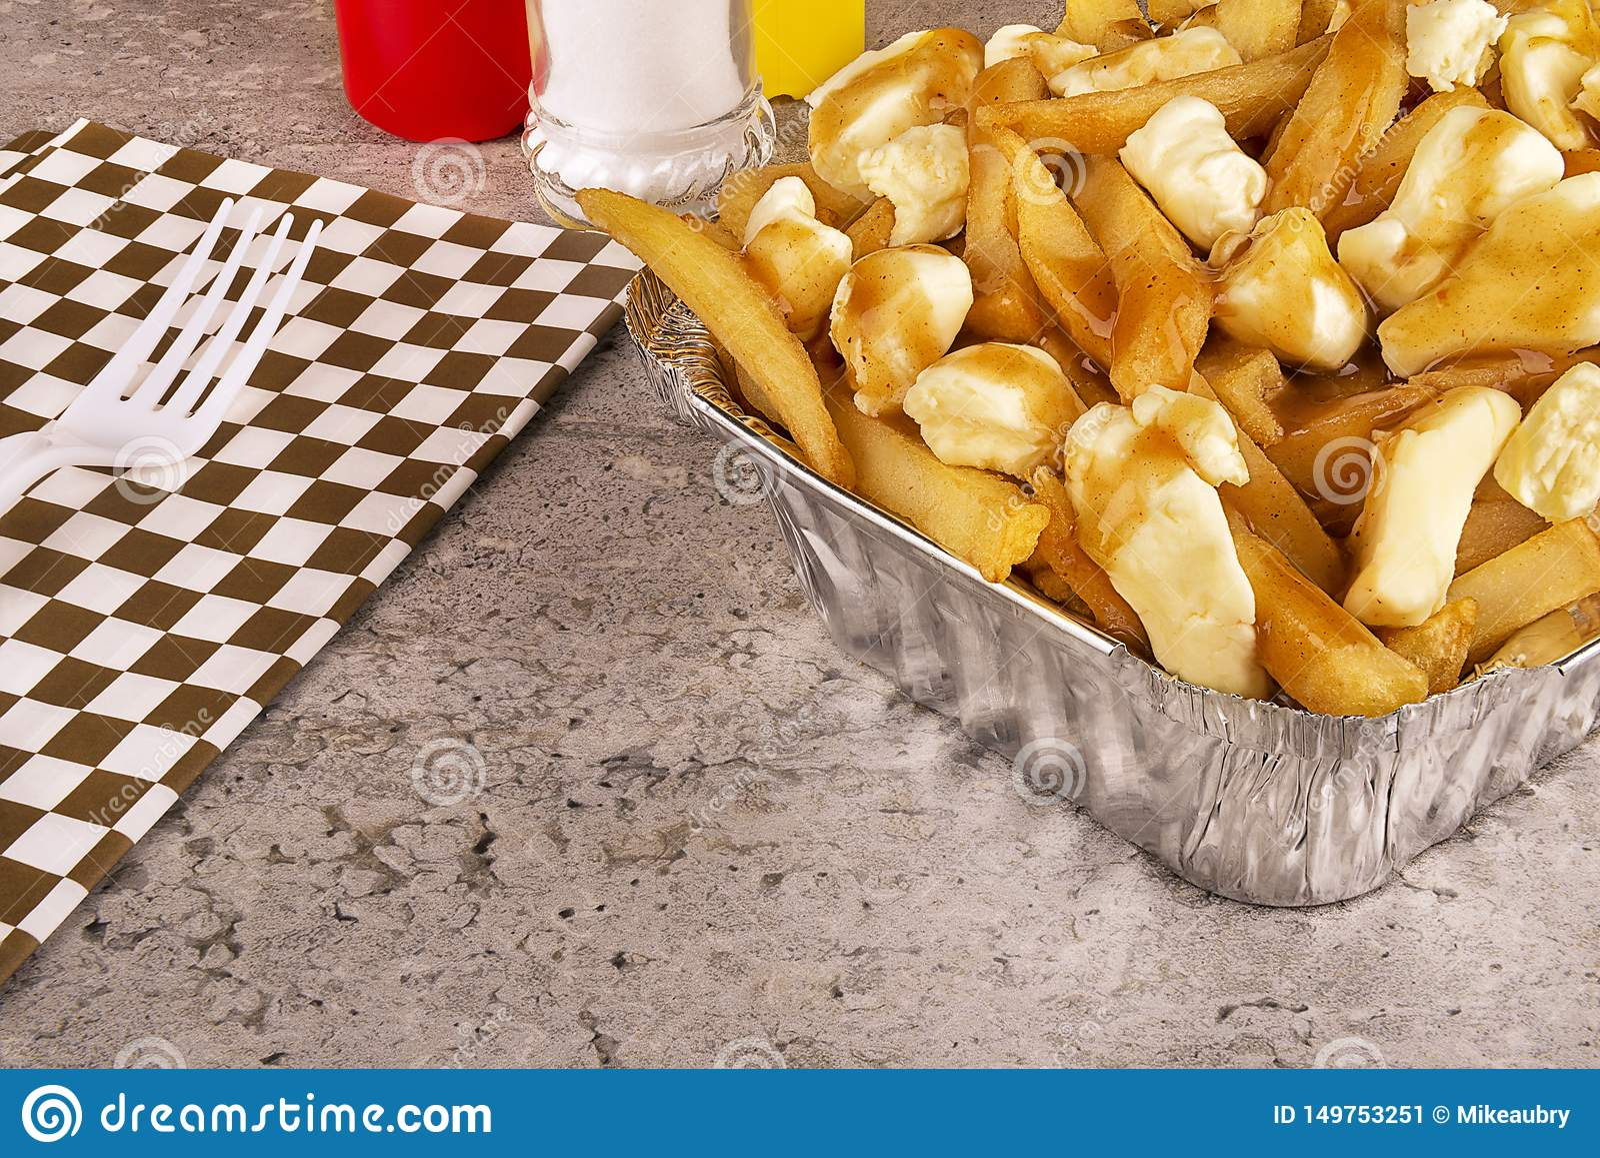 Poutine i en f?r avh?mtning beh?llare Lagat mat med fransk sm?fisk-, sky- och ostmassaost